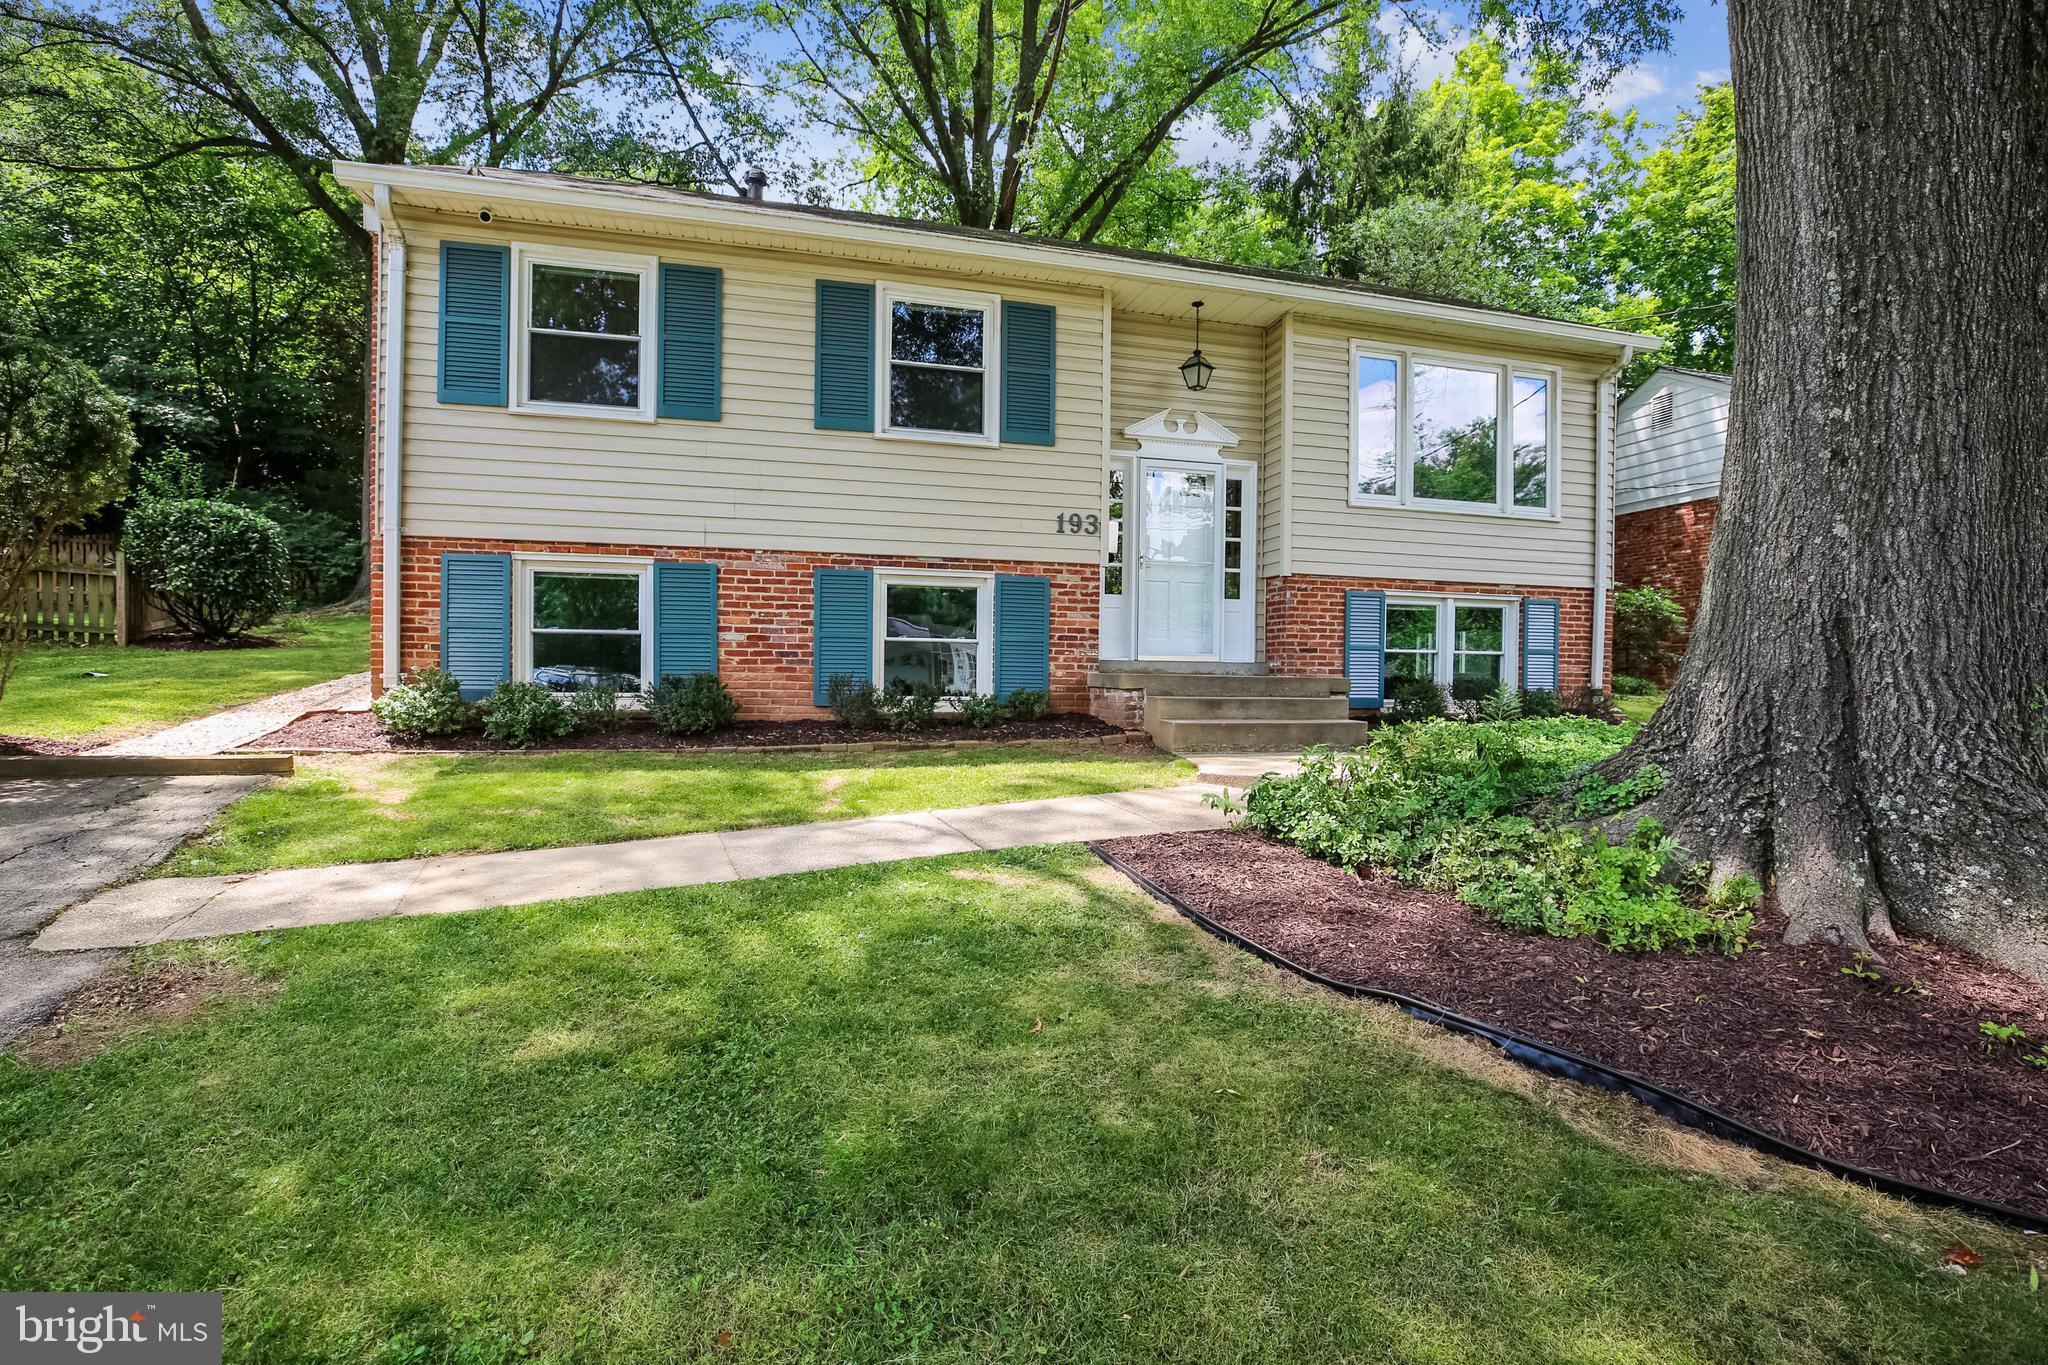 193 Leland St, Rockville, MD, 20850